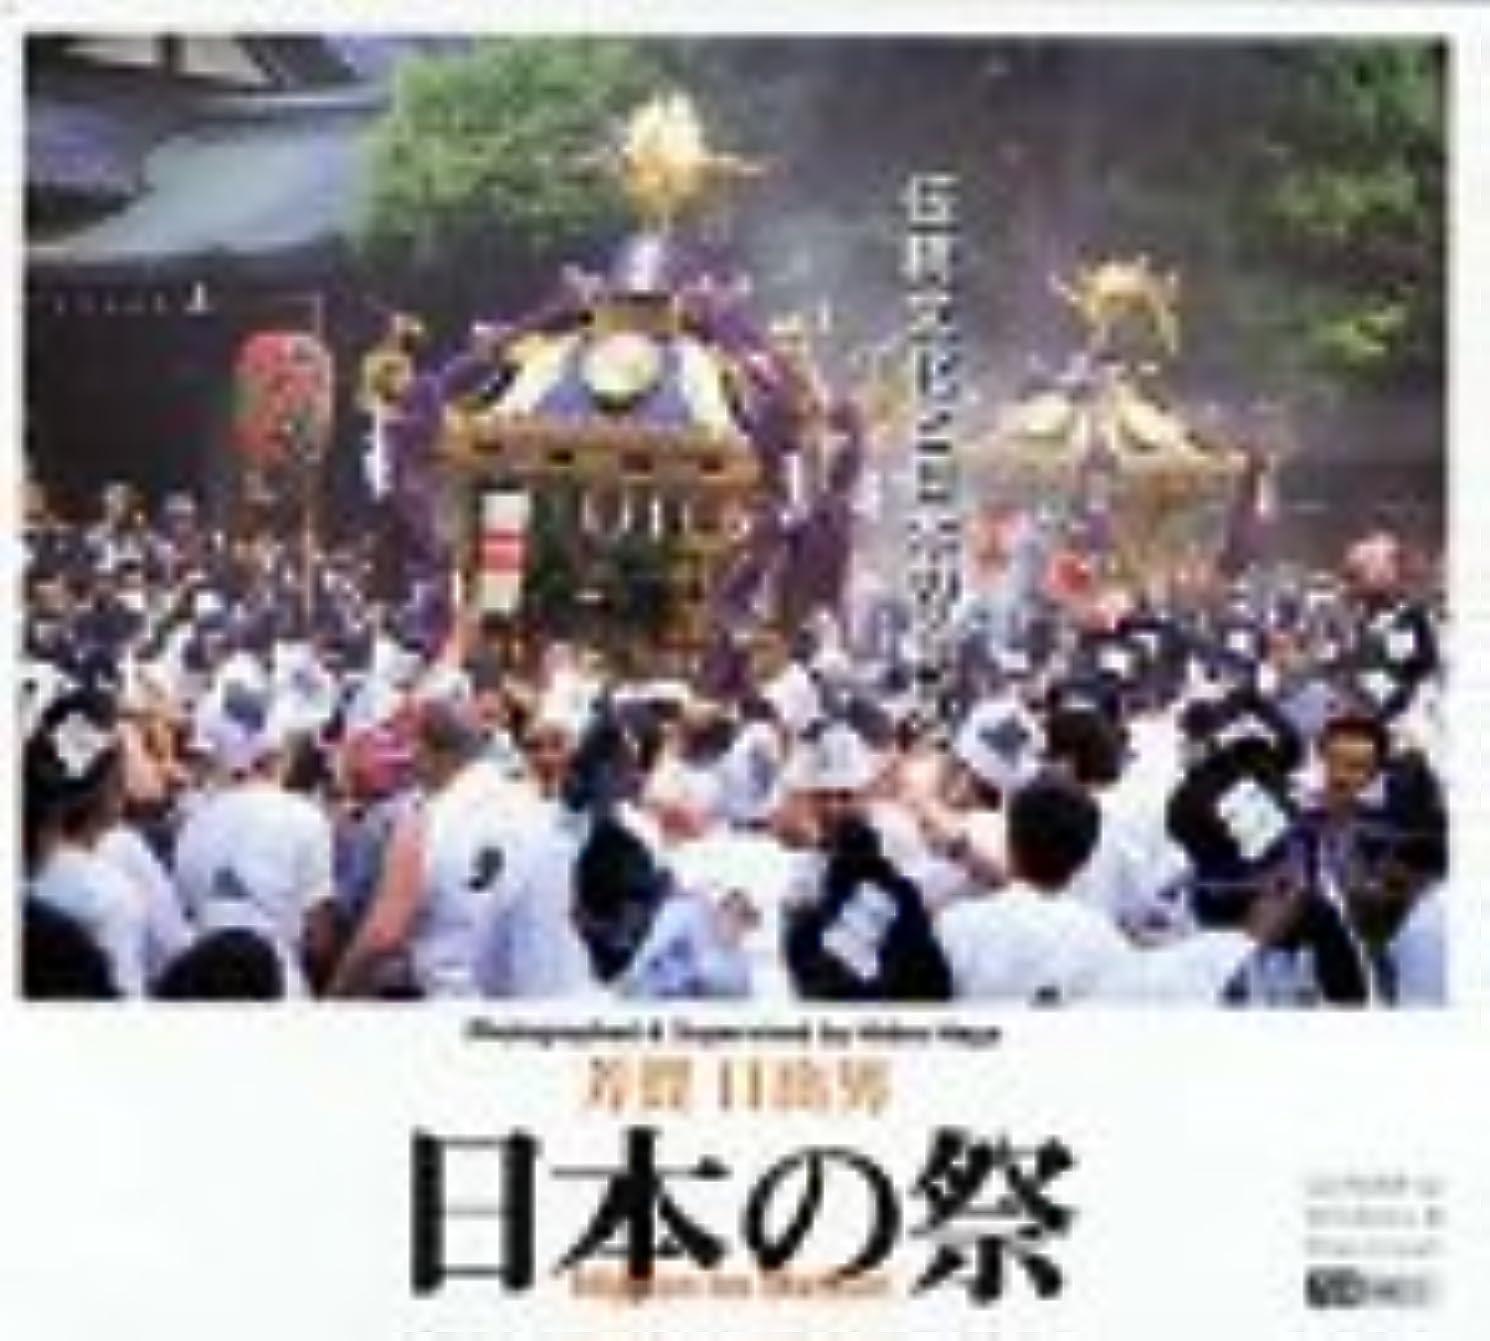 トーンネックレス読者日本の祭 - 伝統文化と日本のこころ -